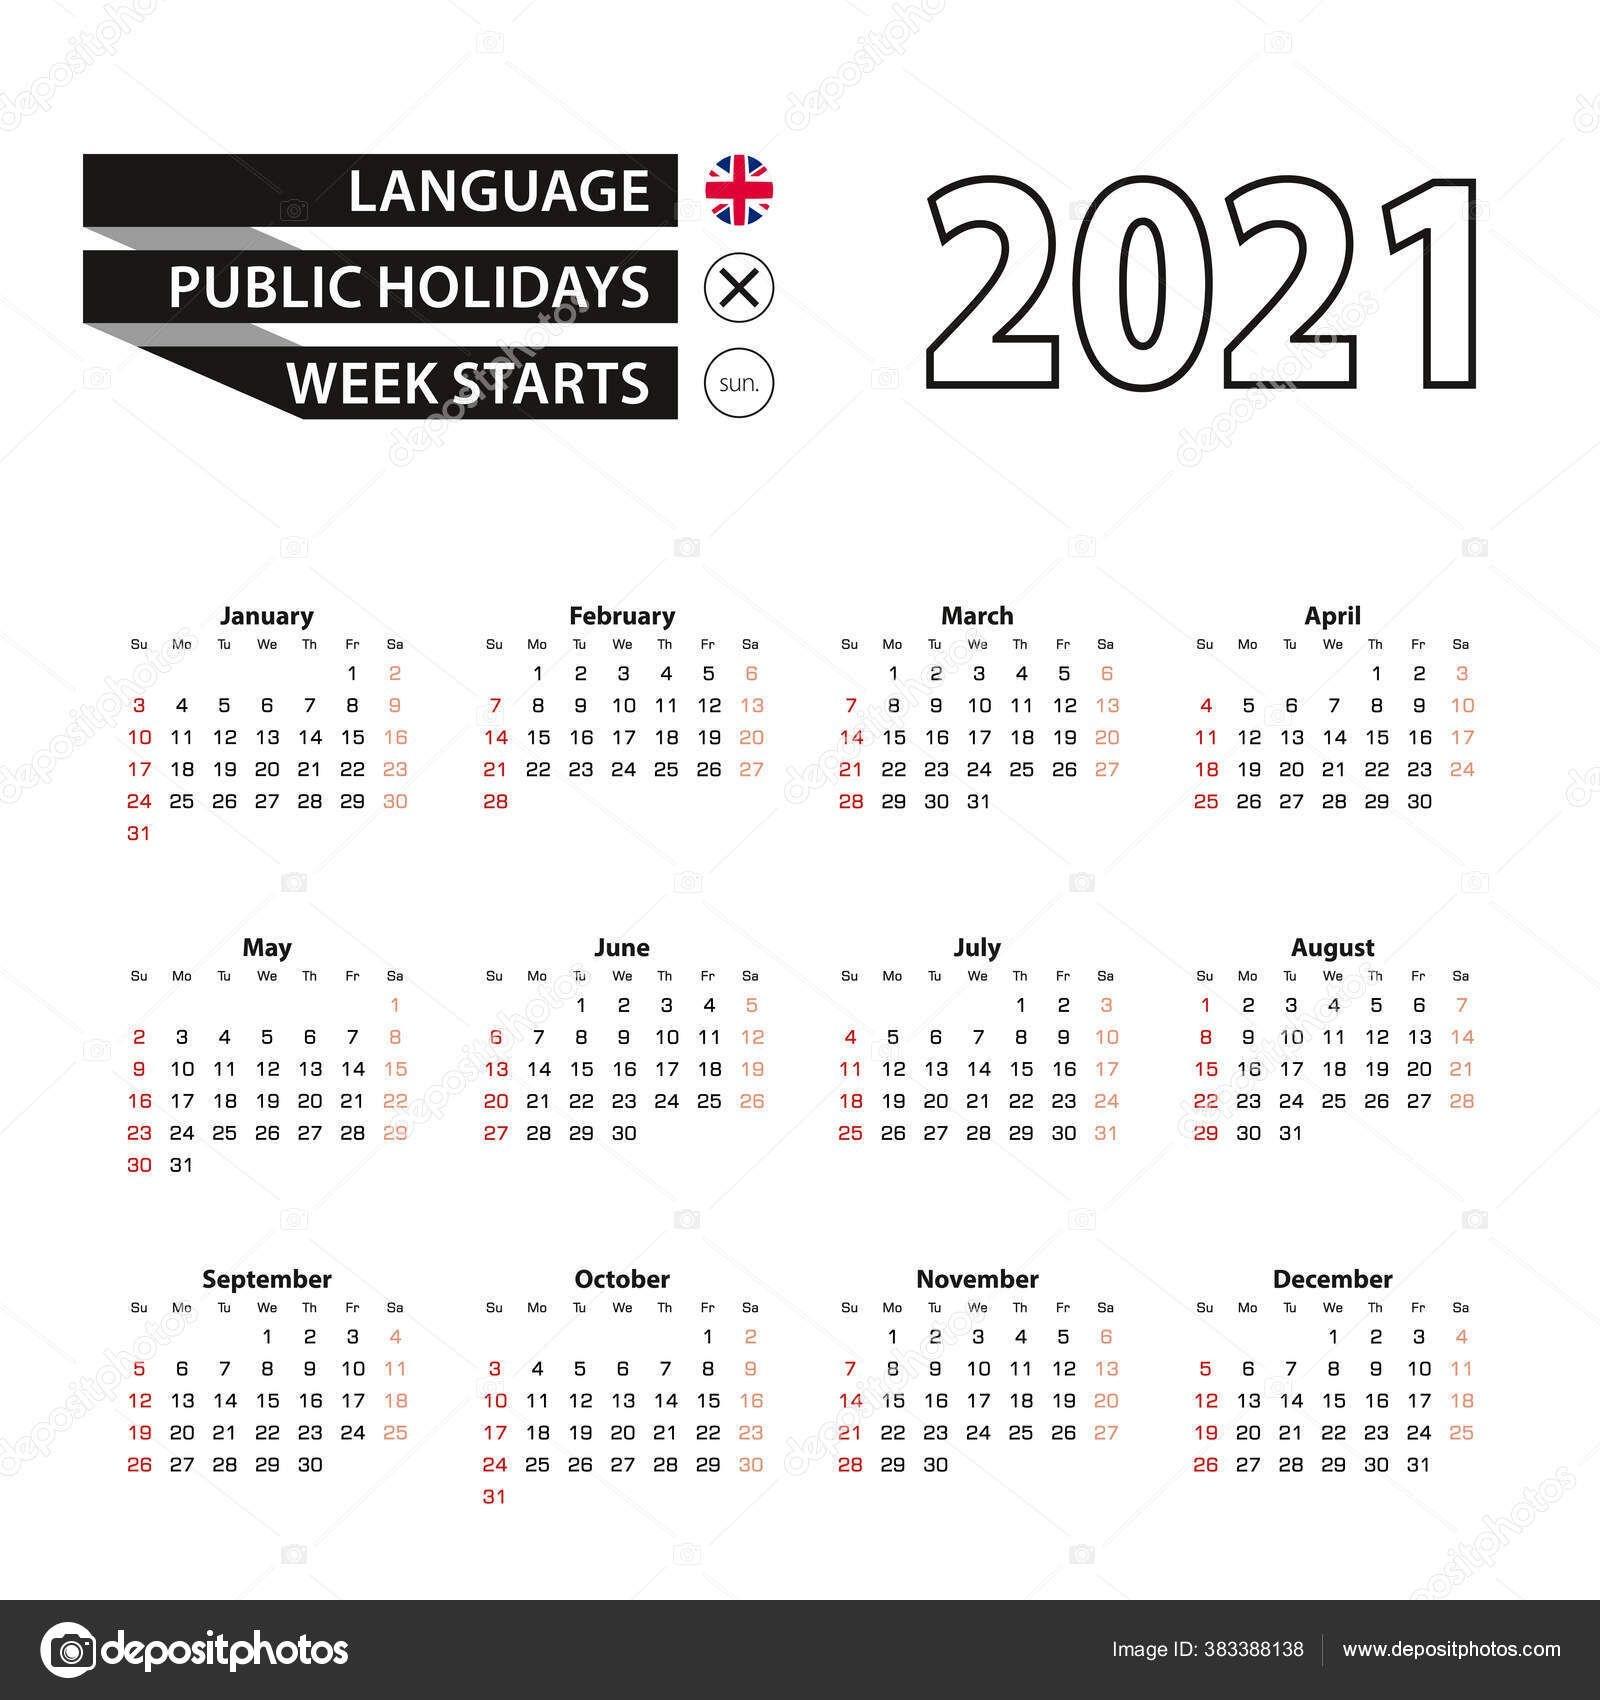 2021 Календарь Английском Языке Неделя Начинается